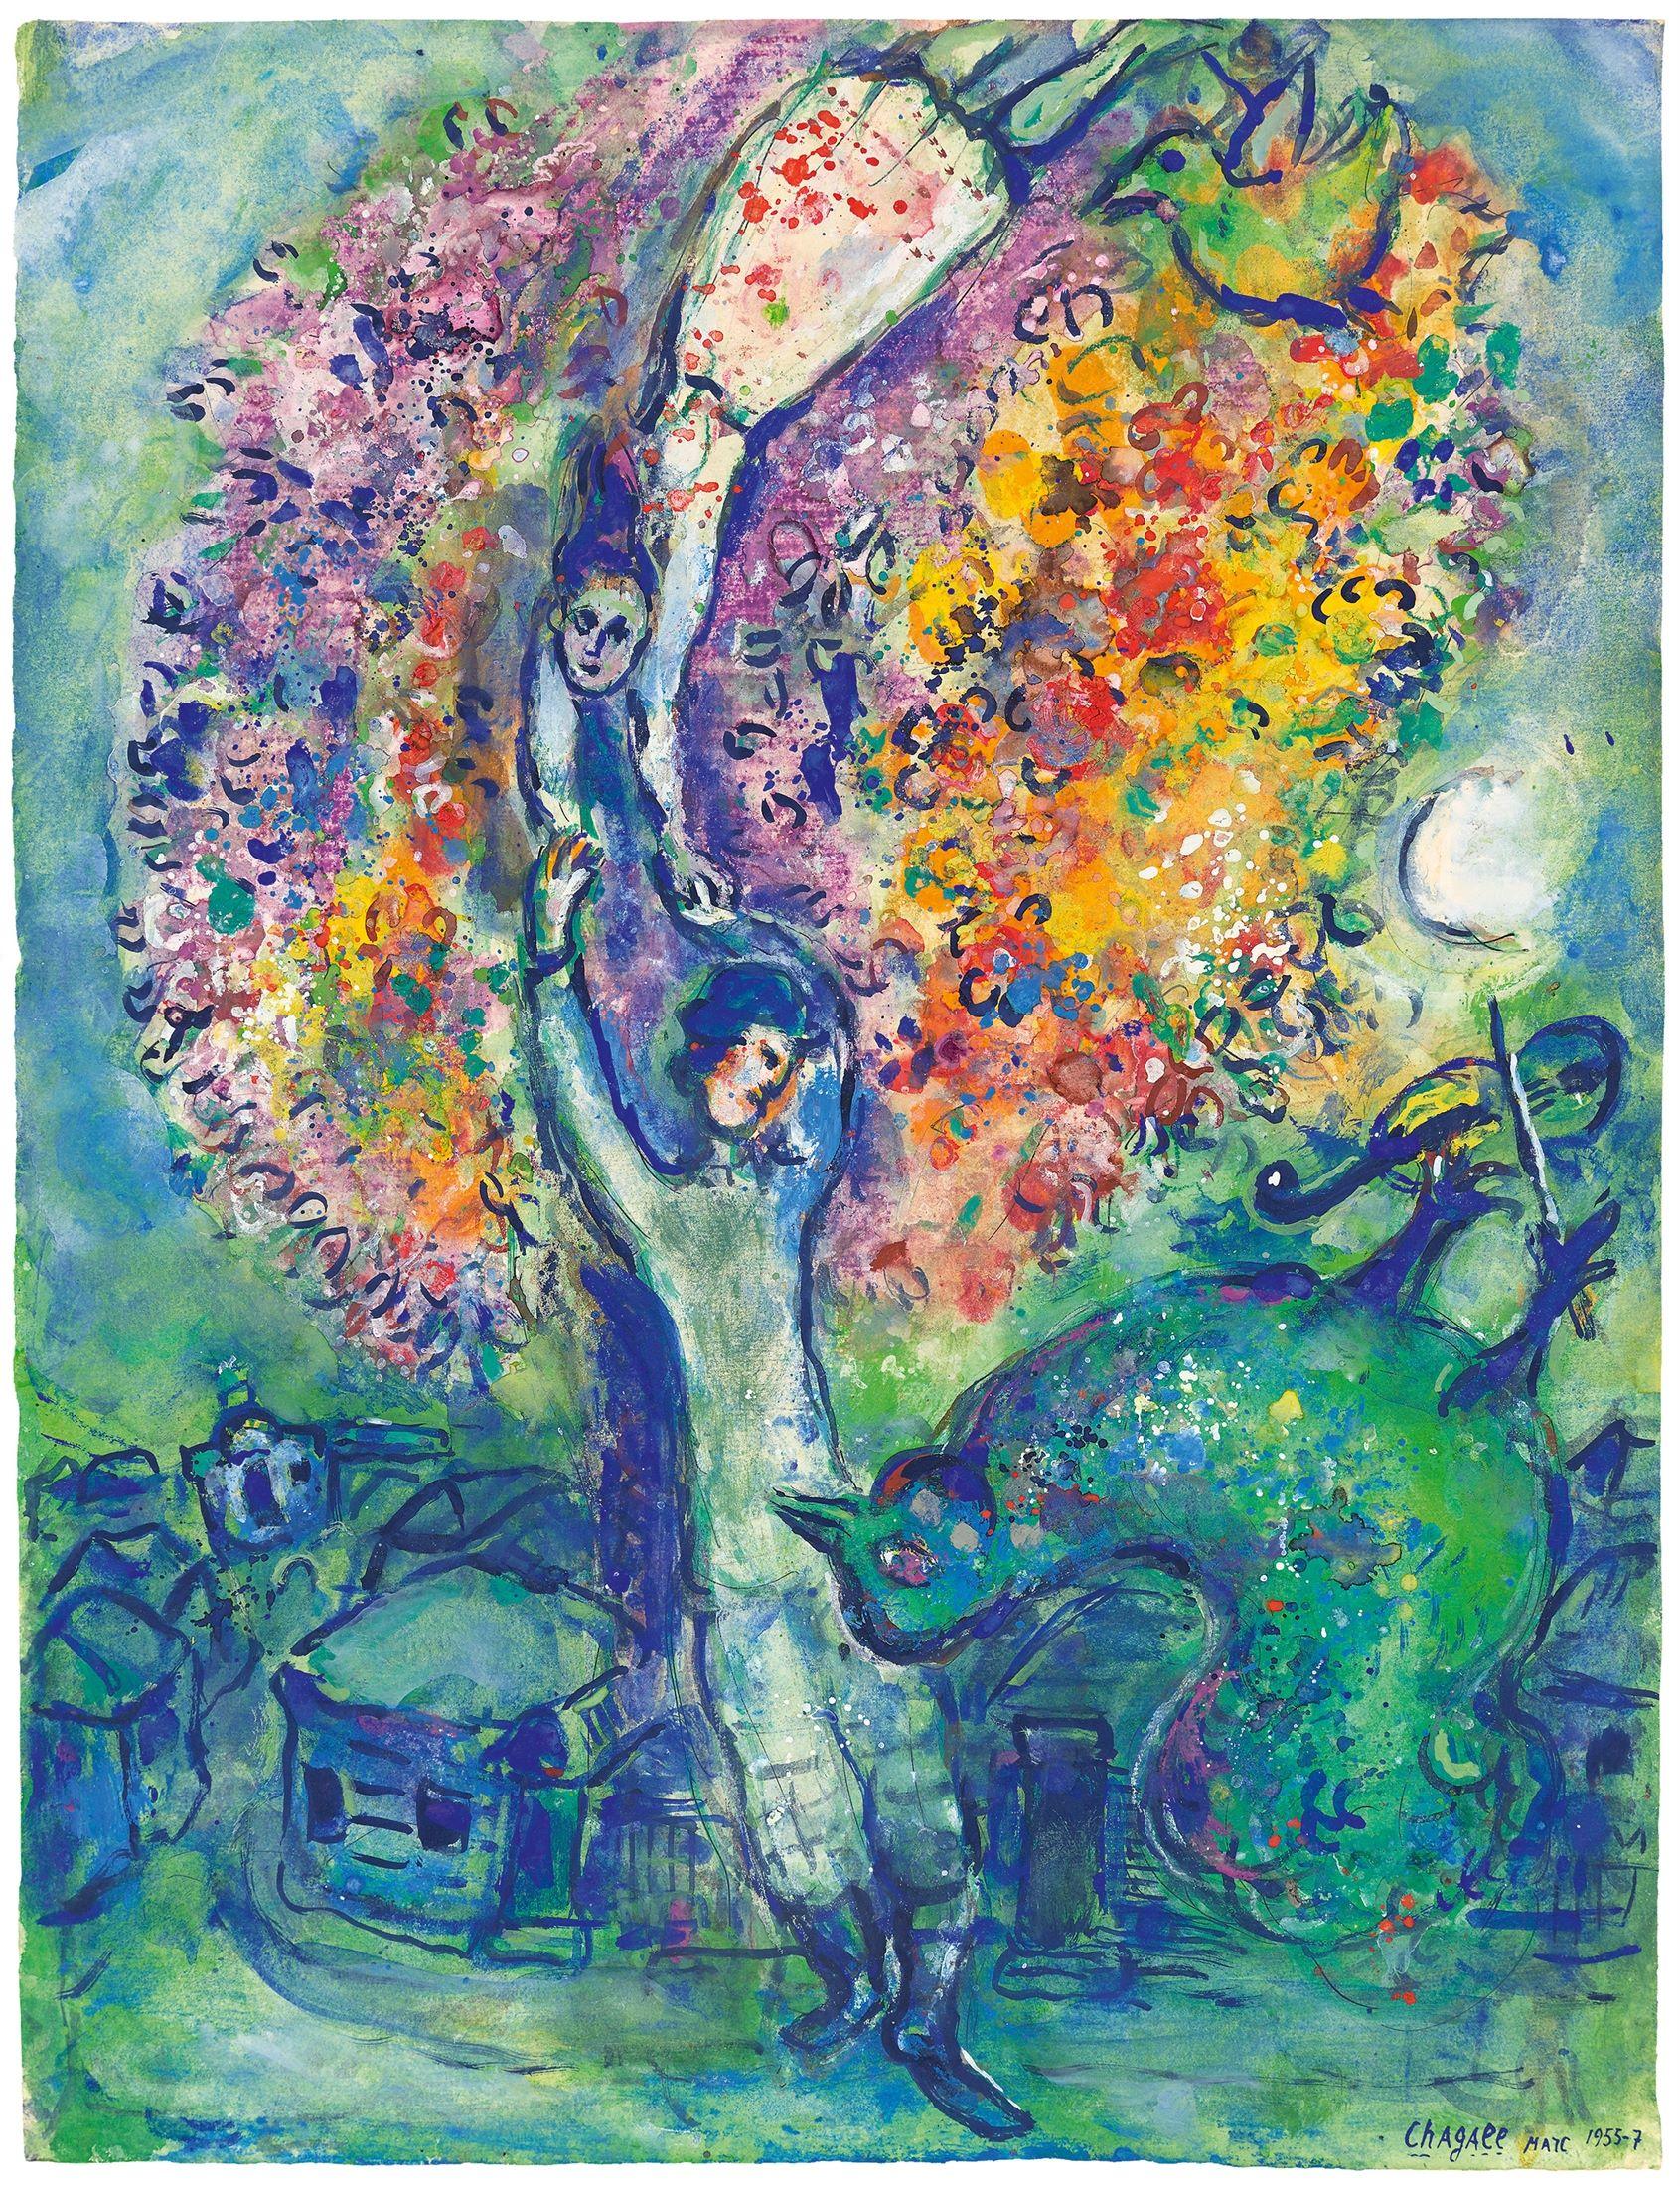 MARC CHAGALL (1887 Witebsk - 1985 Saint-Paul-de-Vence) - La joie, Gouache, Aquarell, Pastell, Bleistift/Velin, bezeichnet, signiert und datiert, 1955-7